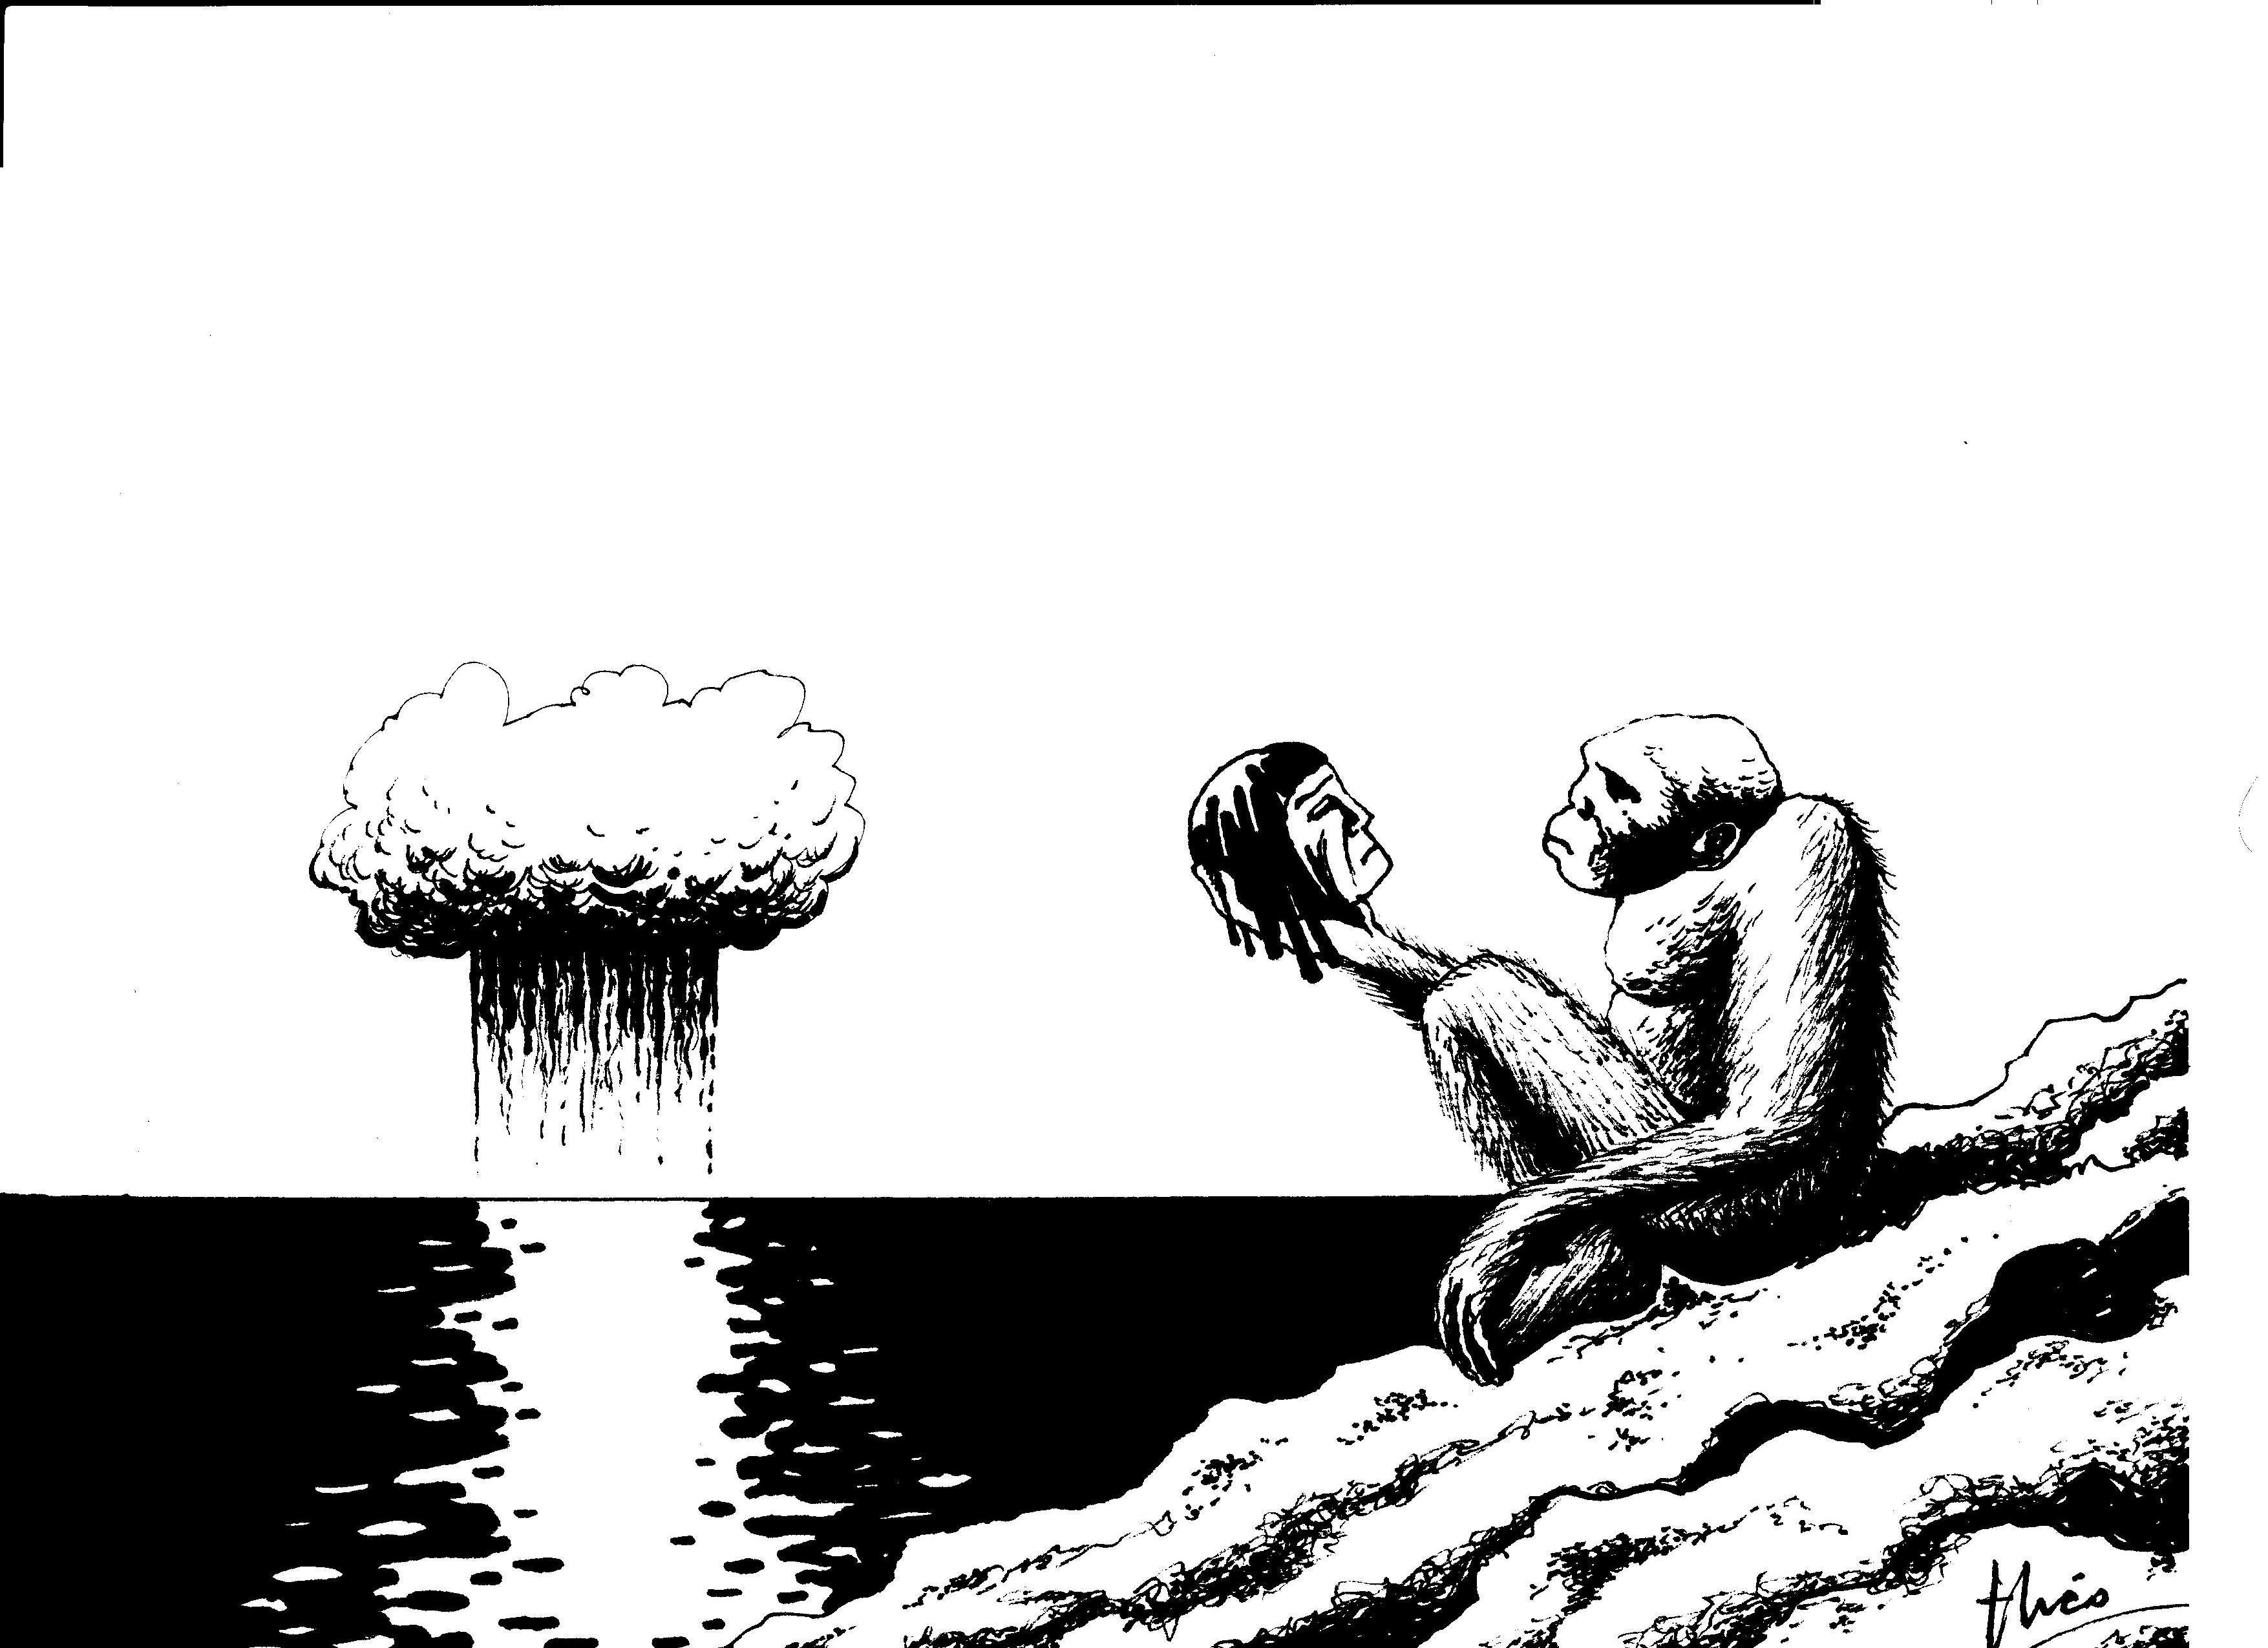 Θεοδόσης Βρανάς - Theo